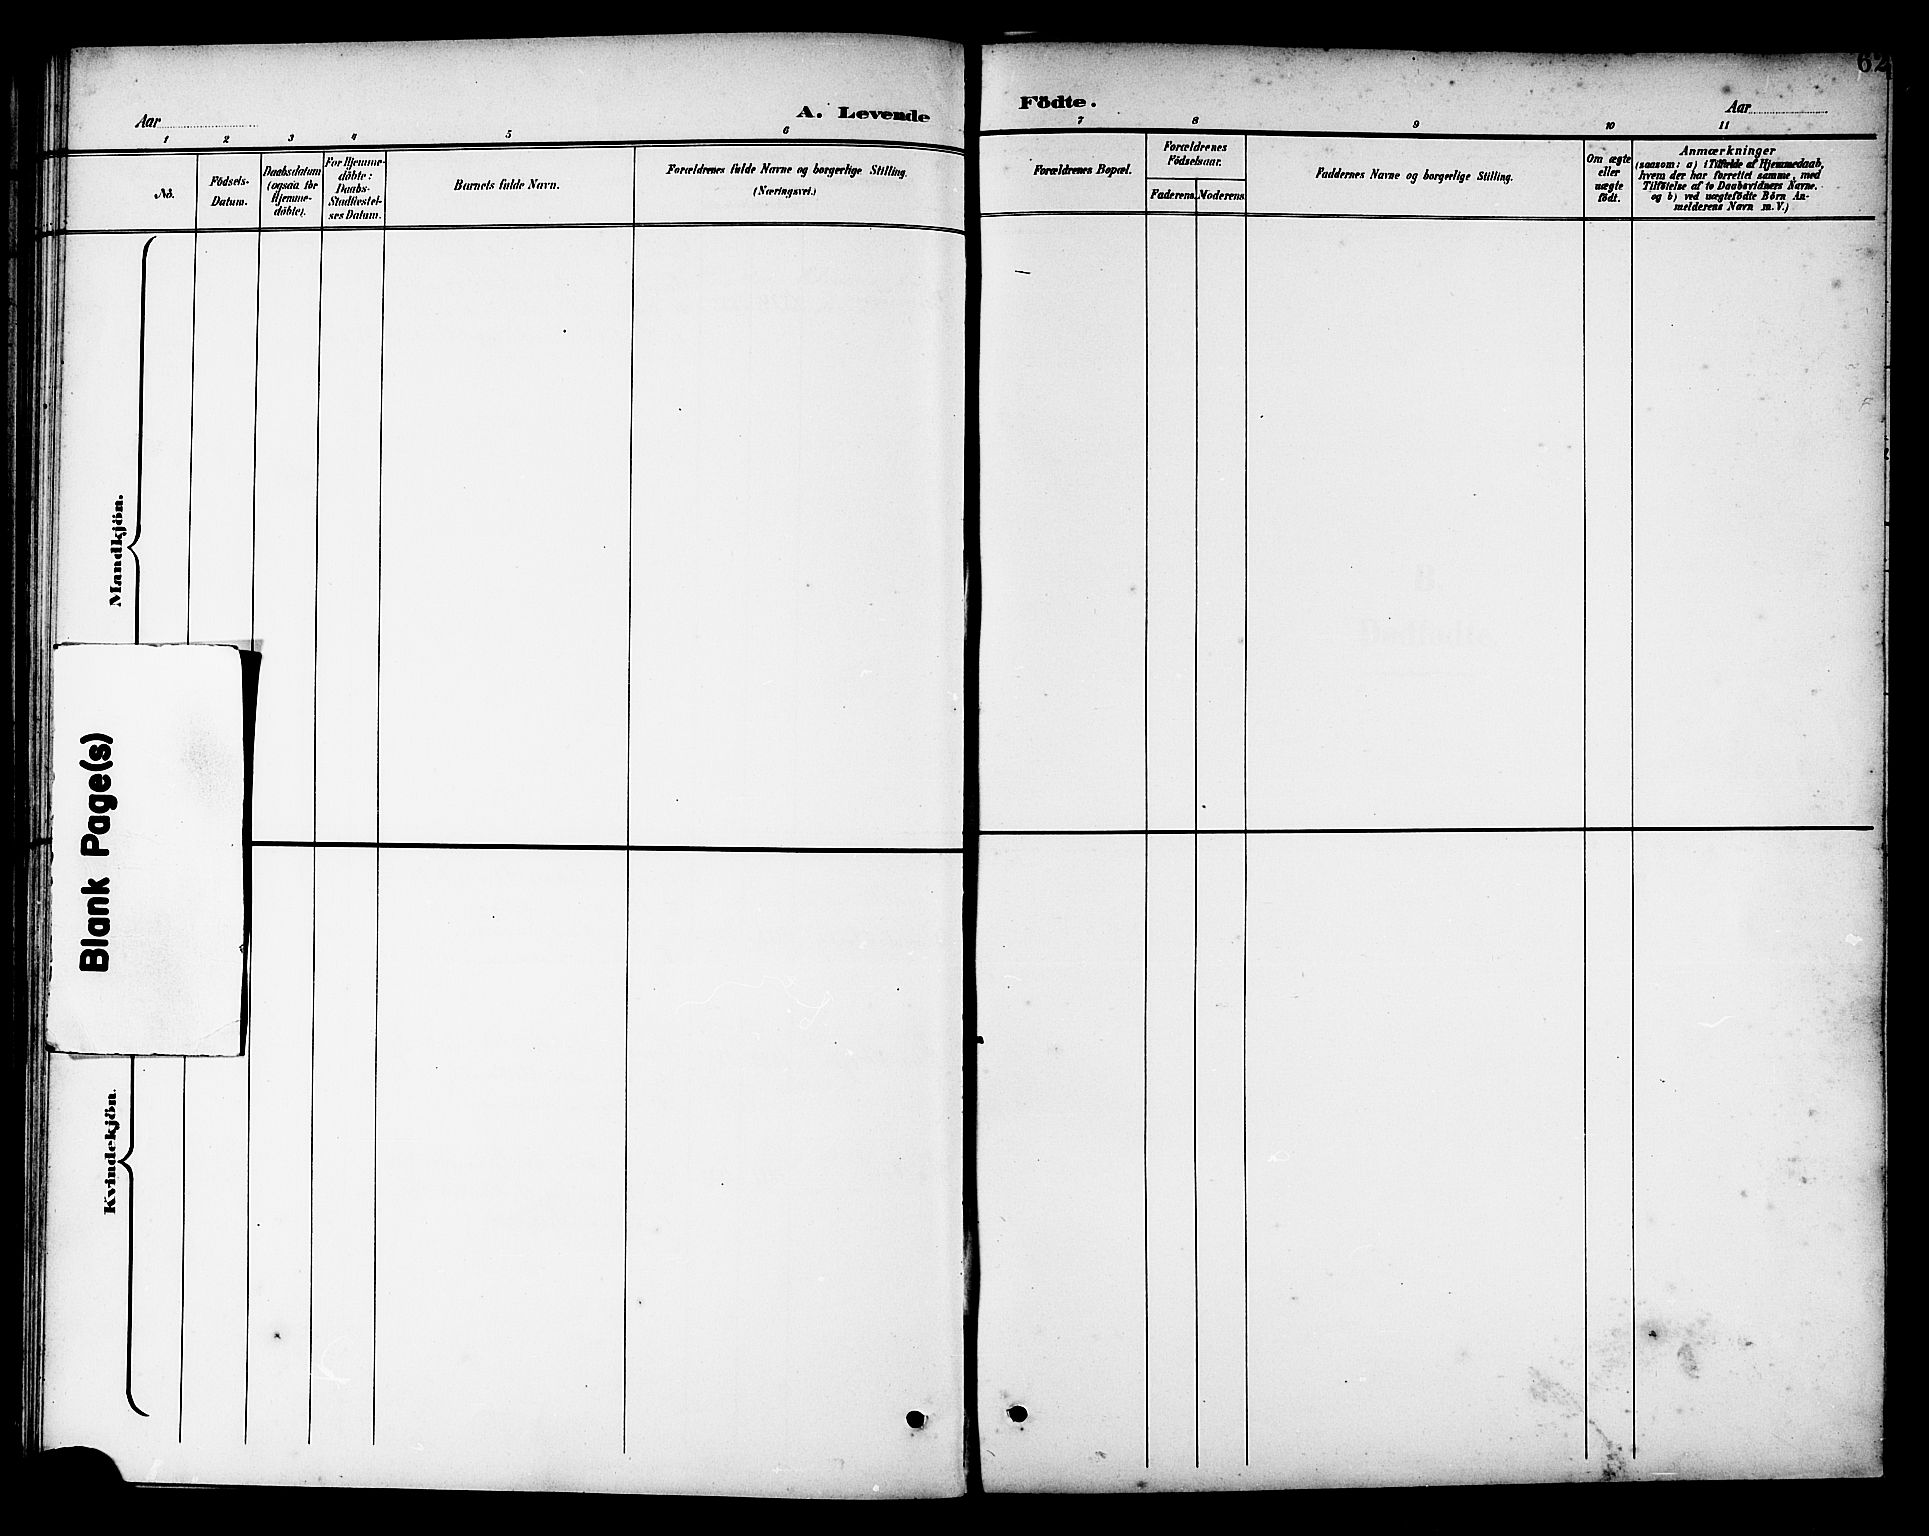 SAT, Ministerialprotokoller, klokkerbøker og fødselsregistre - Nord-Trøndelag, 741/L0401: Klokkerbok nr. 741C02, 1899-1911, s. 62